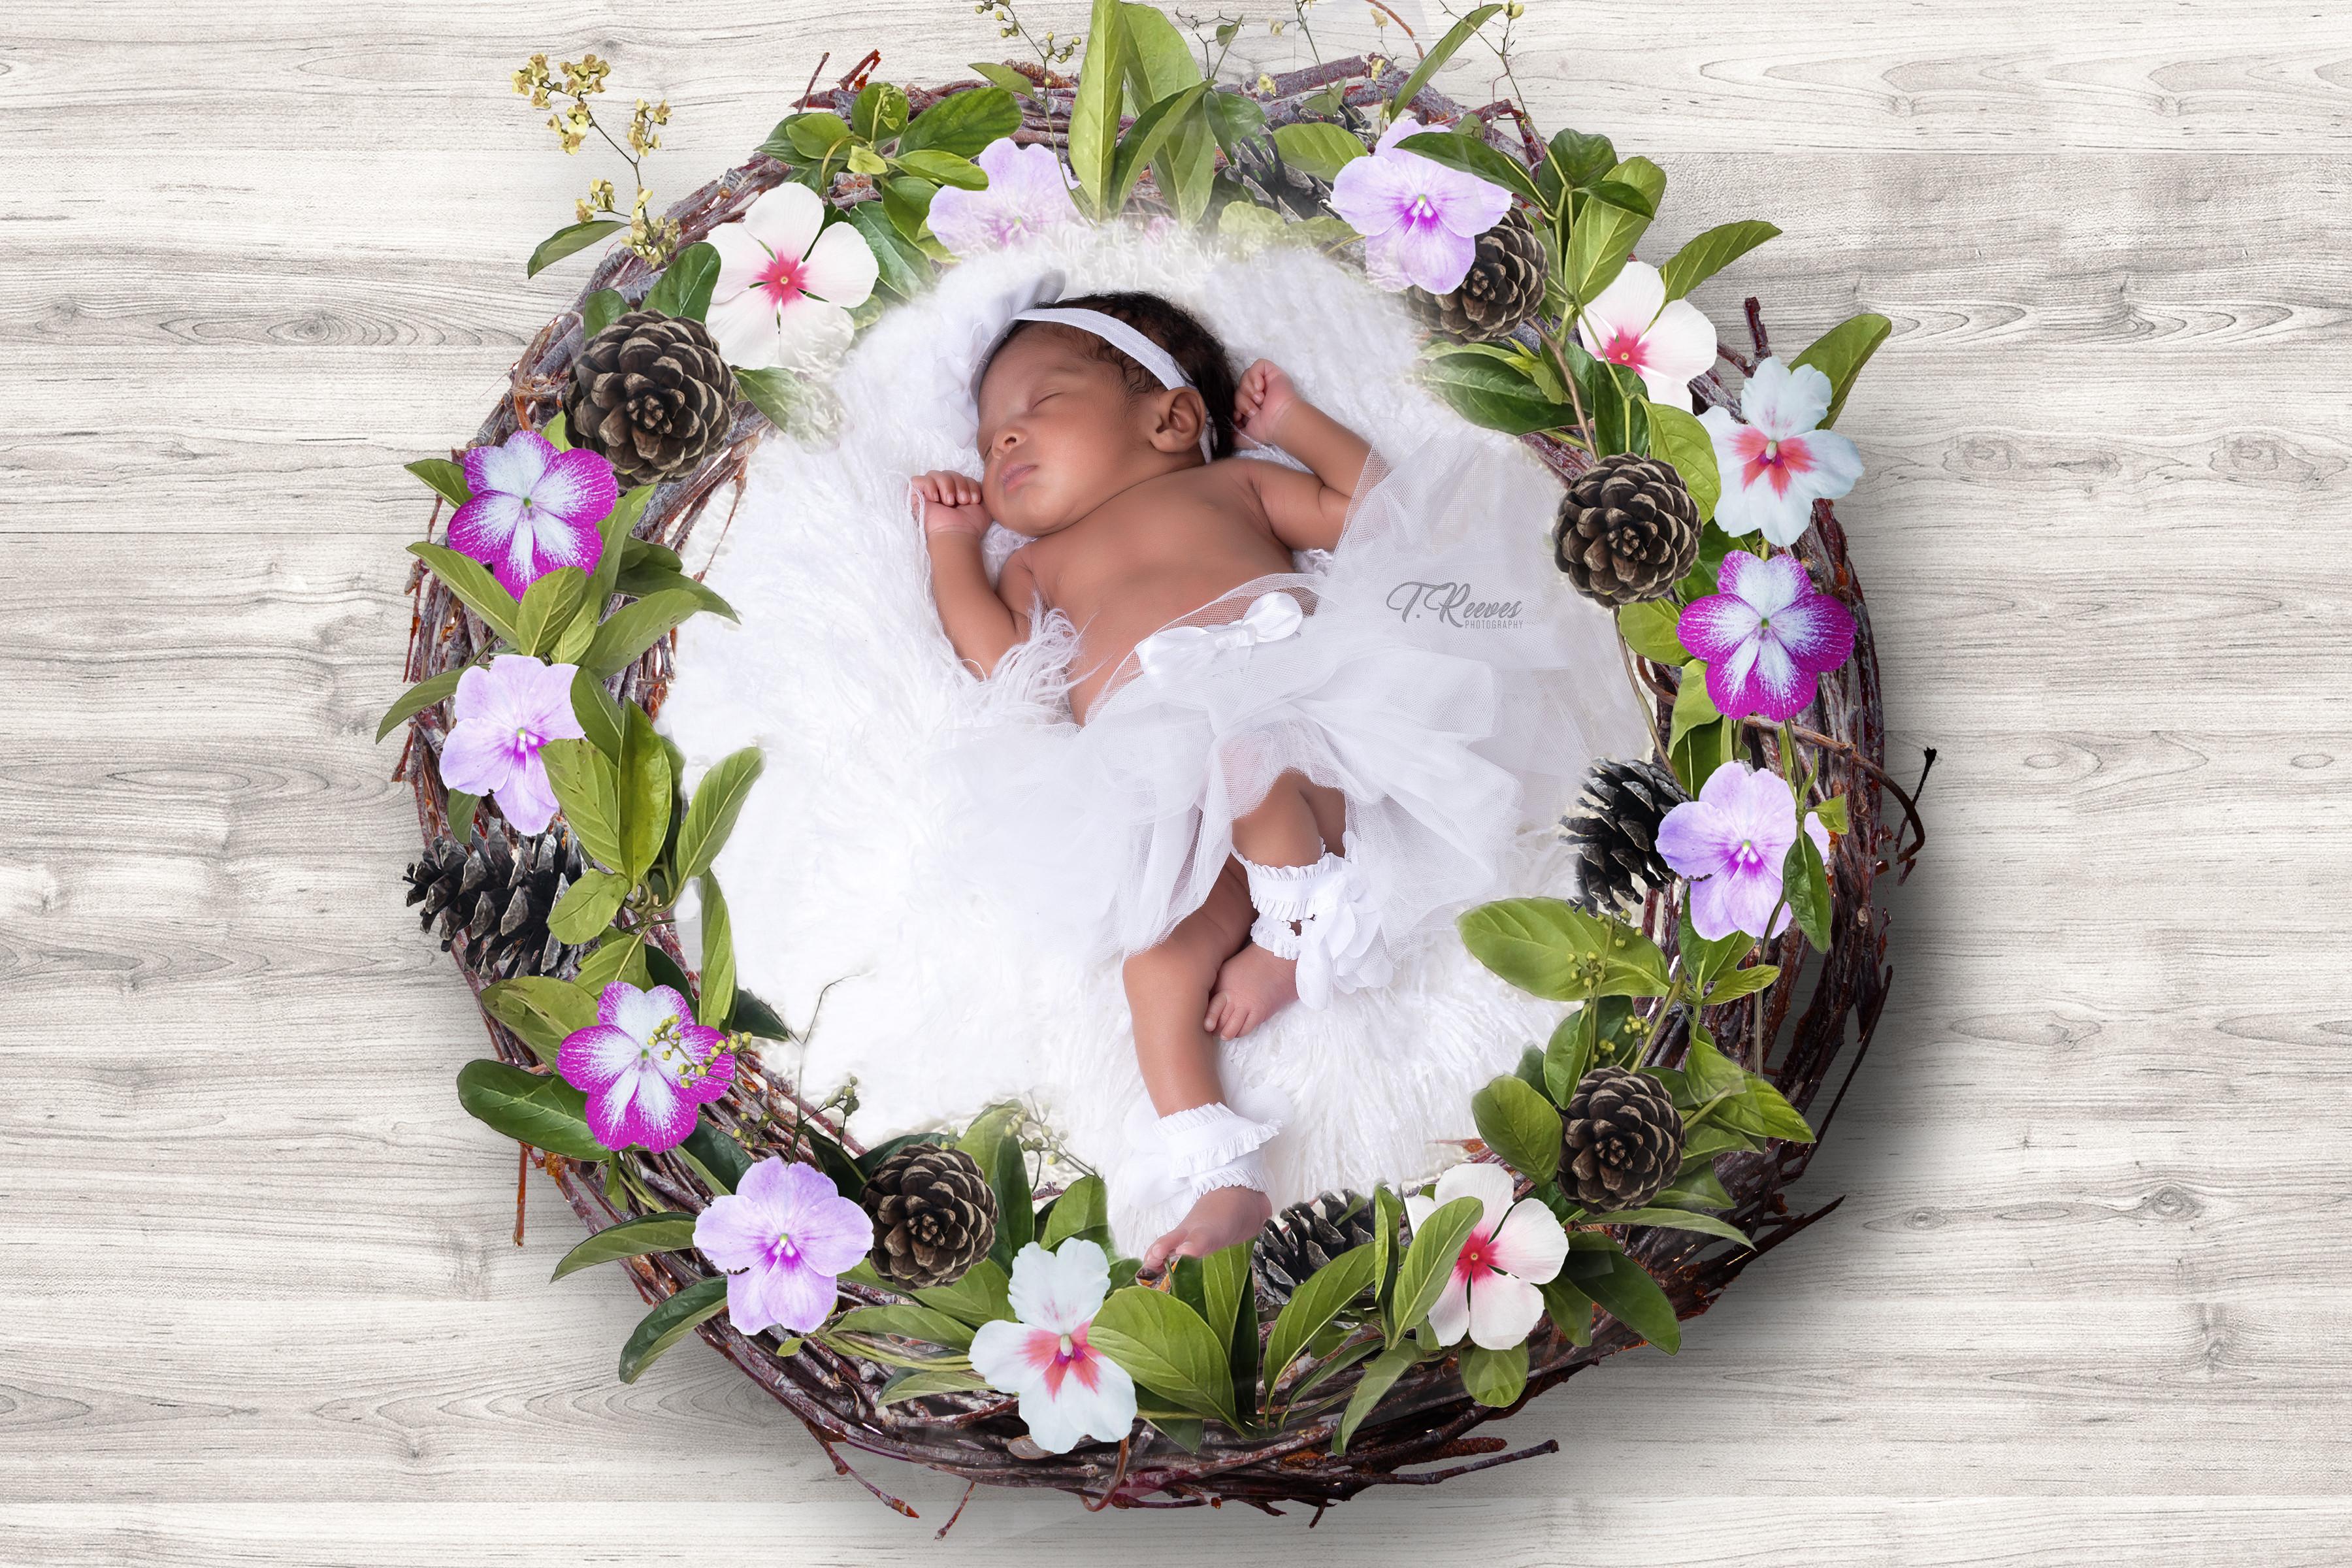 Newborn Session Images: